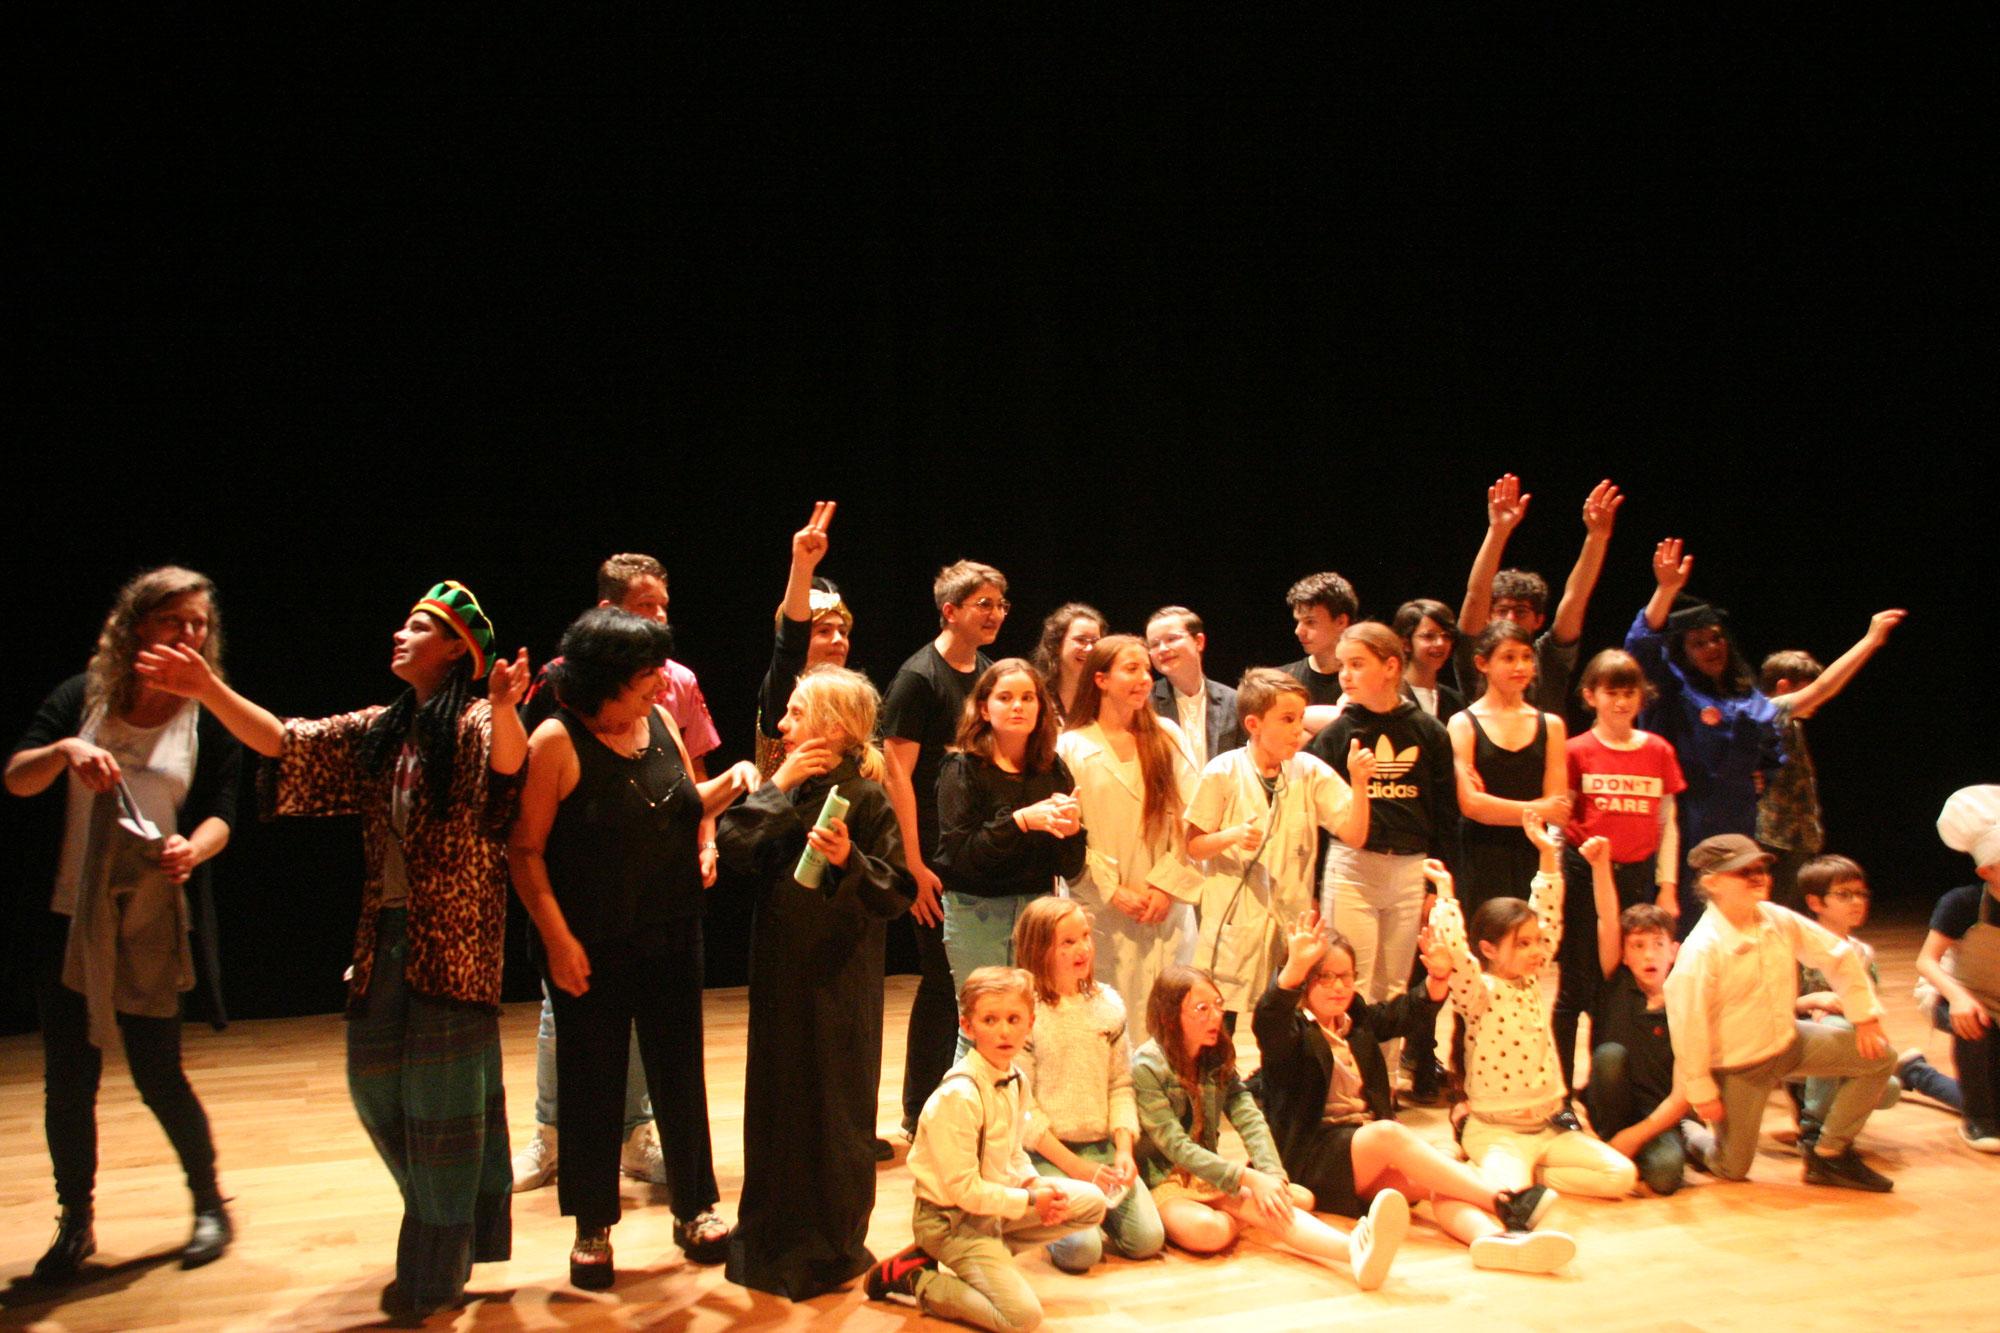 Retour sur le spectacle de théâtre du 11 juin : un énorme succès !